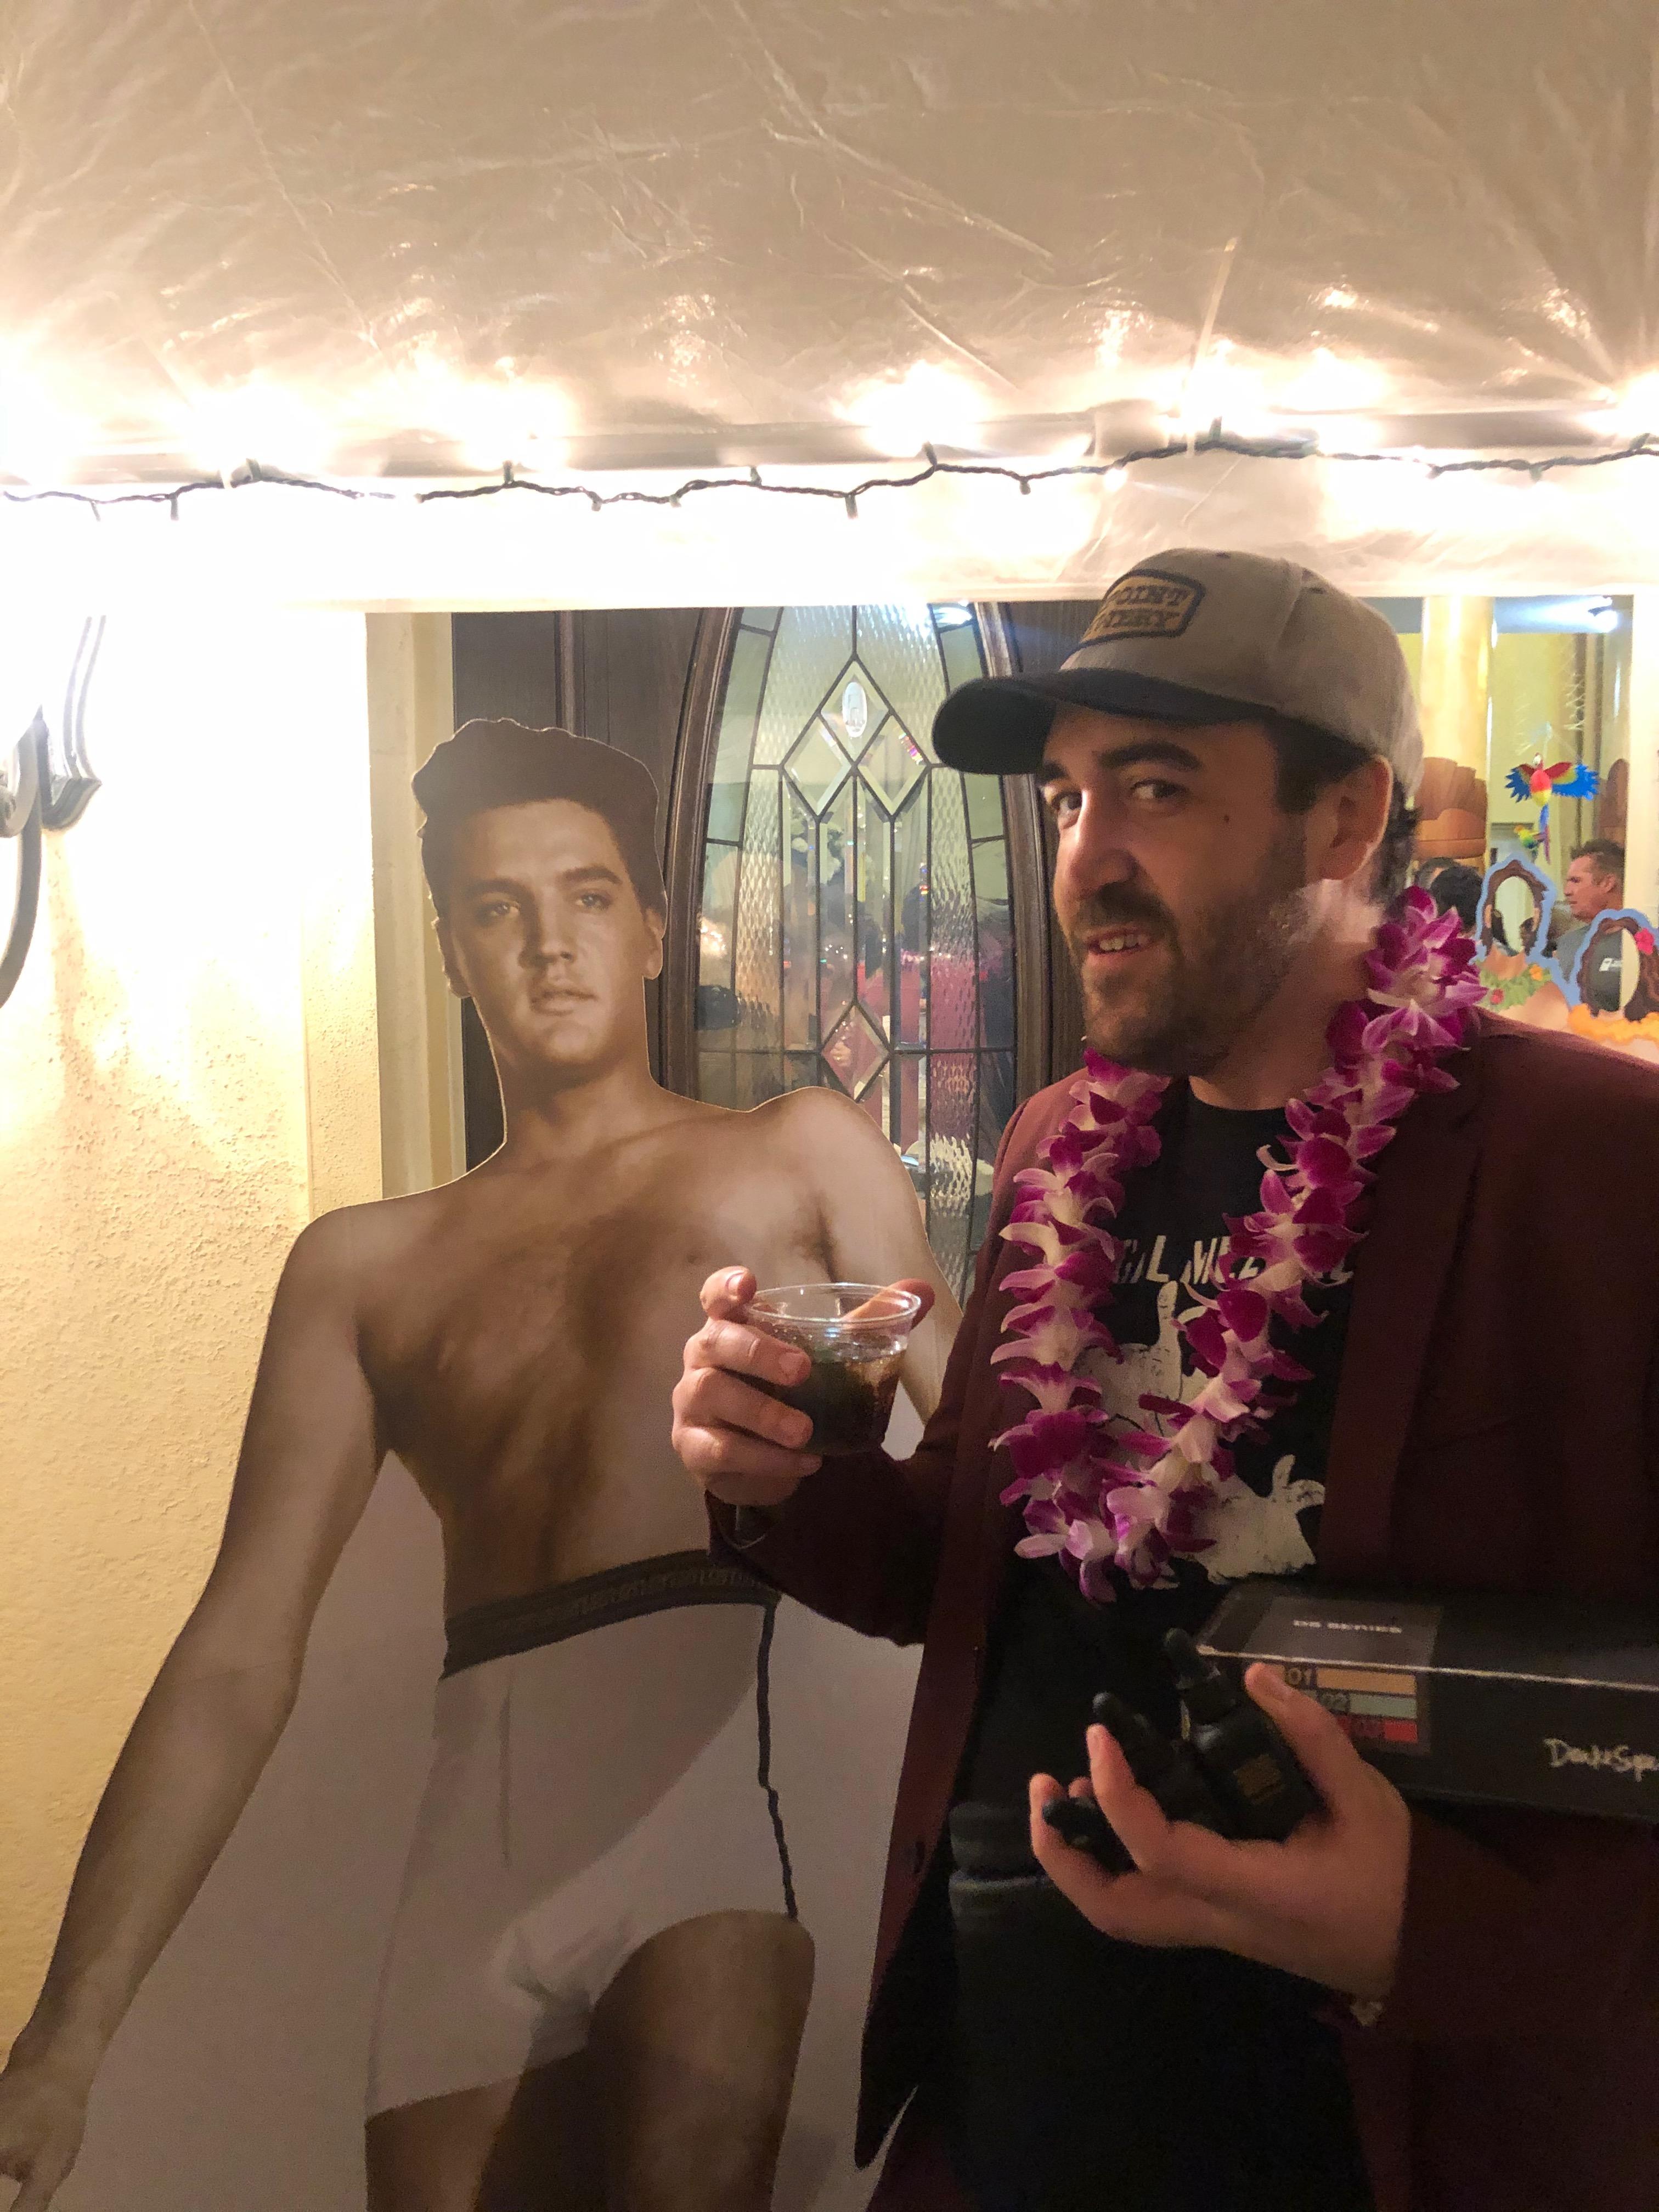 Elvis at Flip Flop shop party